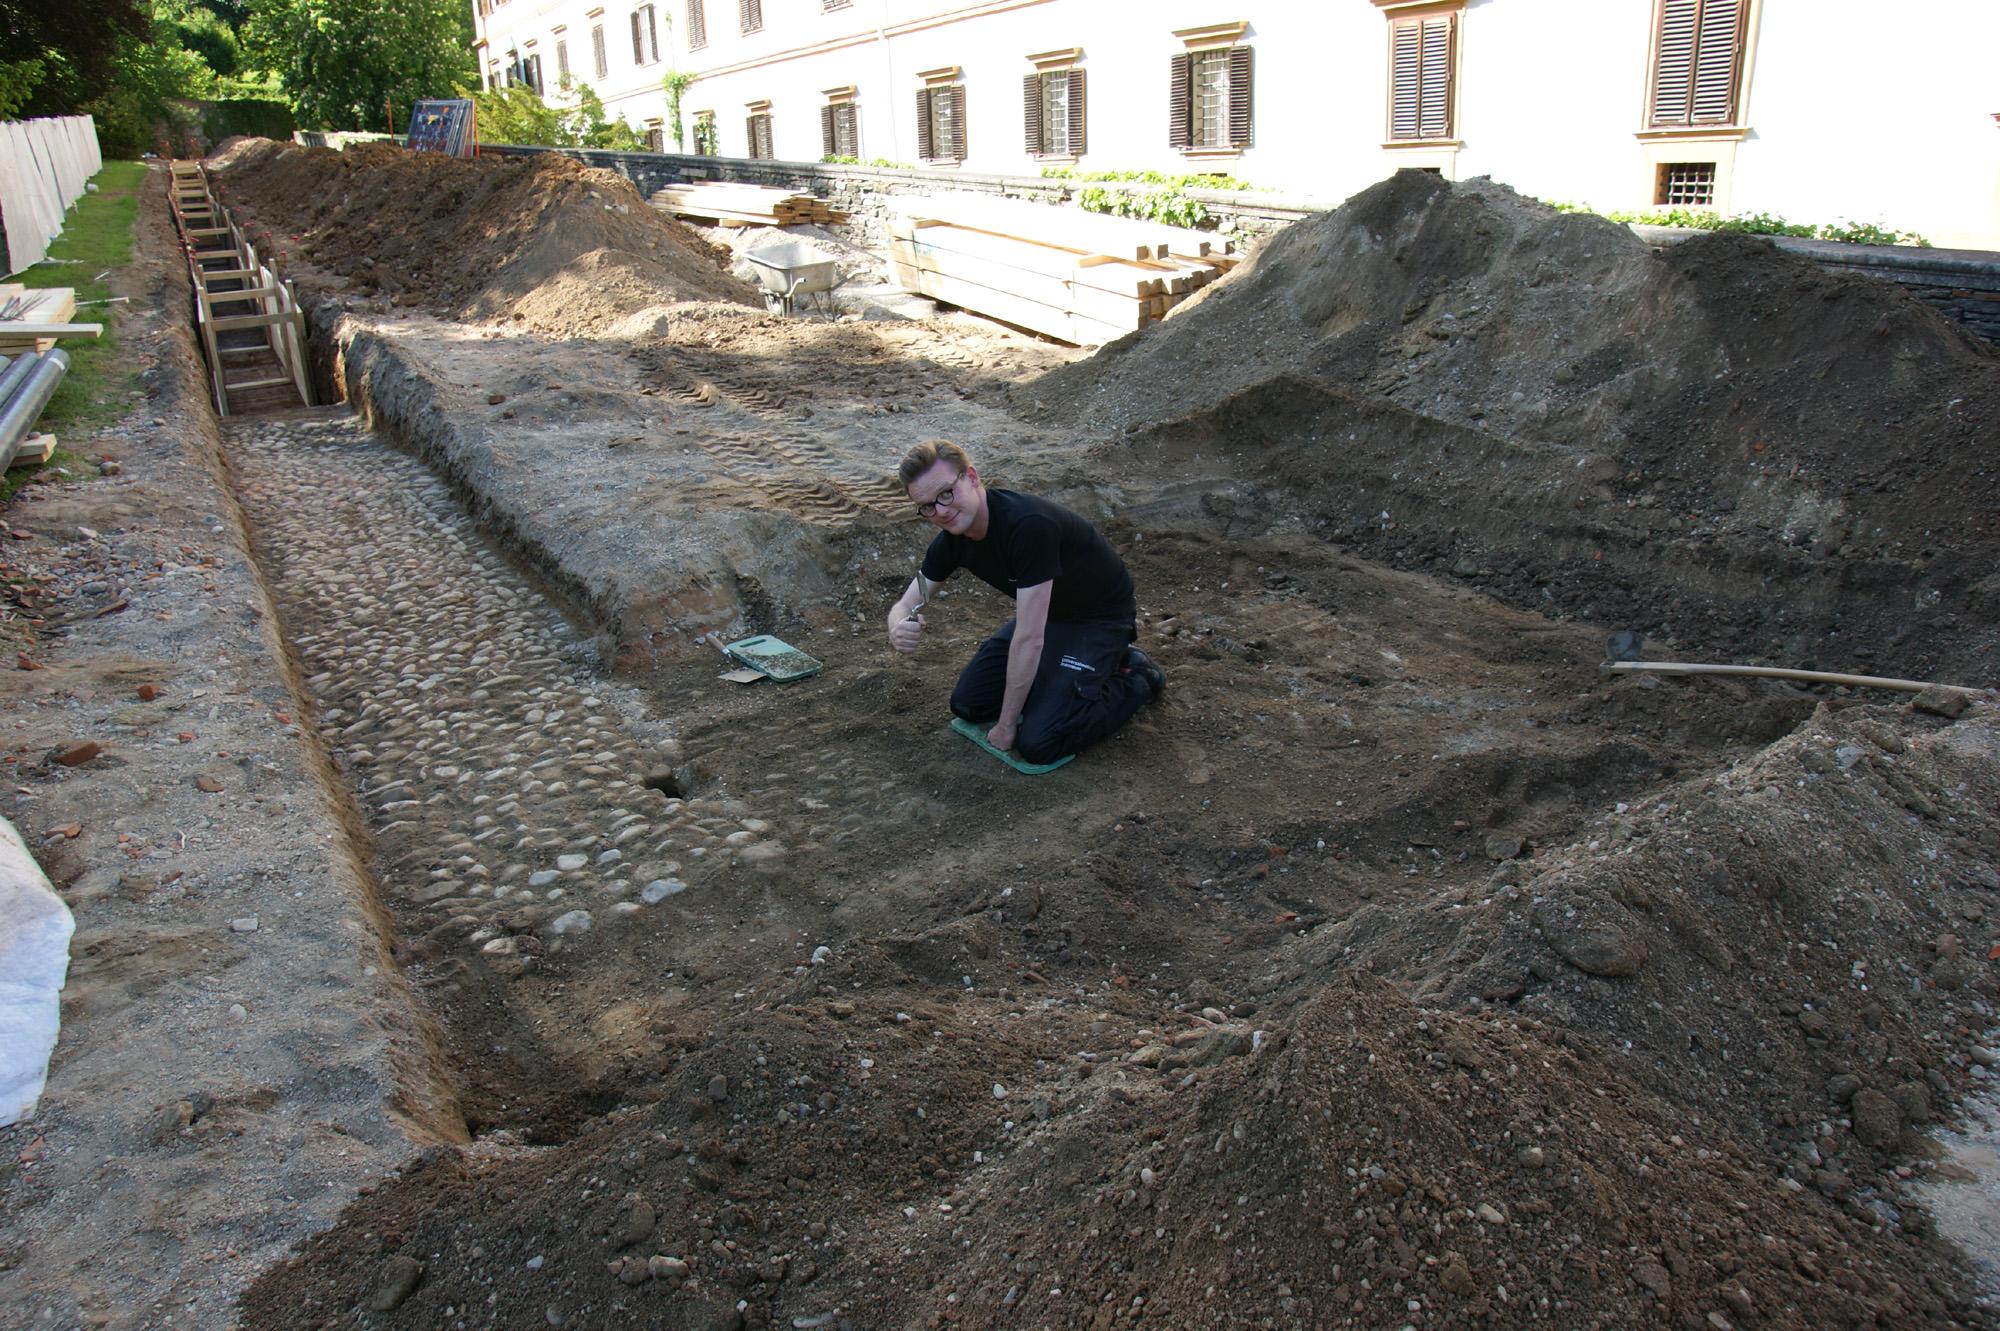 Manchmal steckt man bis zu den Knien in Geschichte. Hier bei der Entdeckung des barocken Gartenpflasters, Foto: UMJ